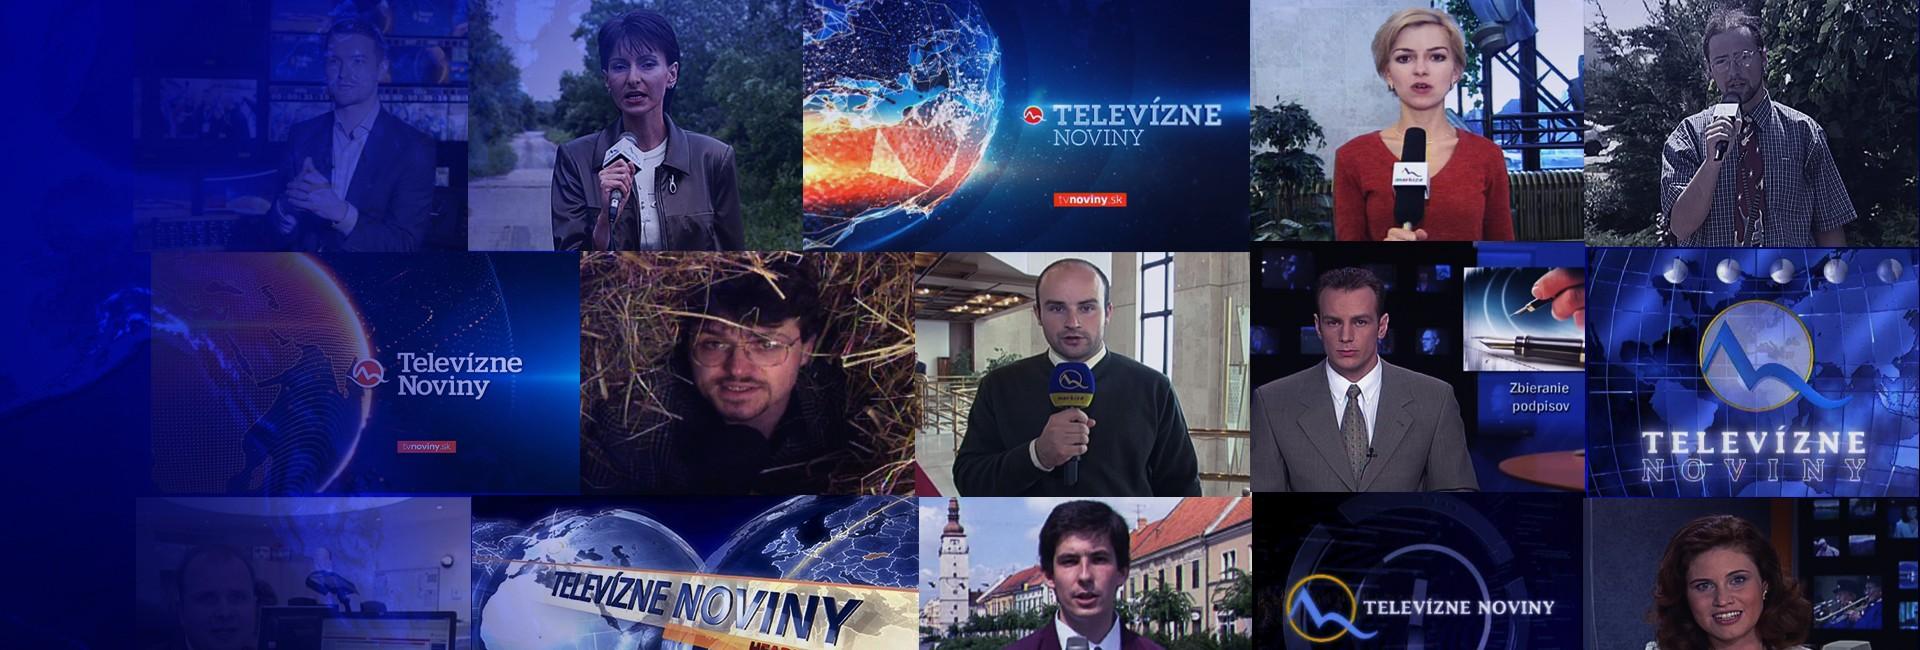 Televízne noviny 25